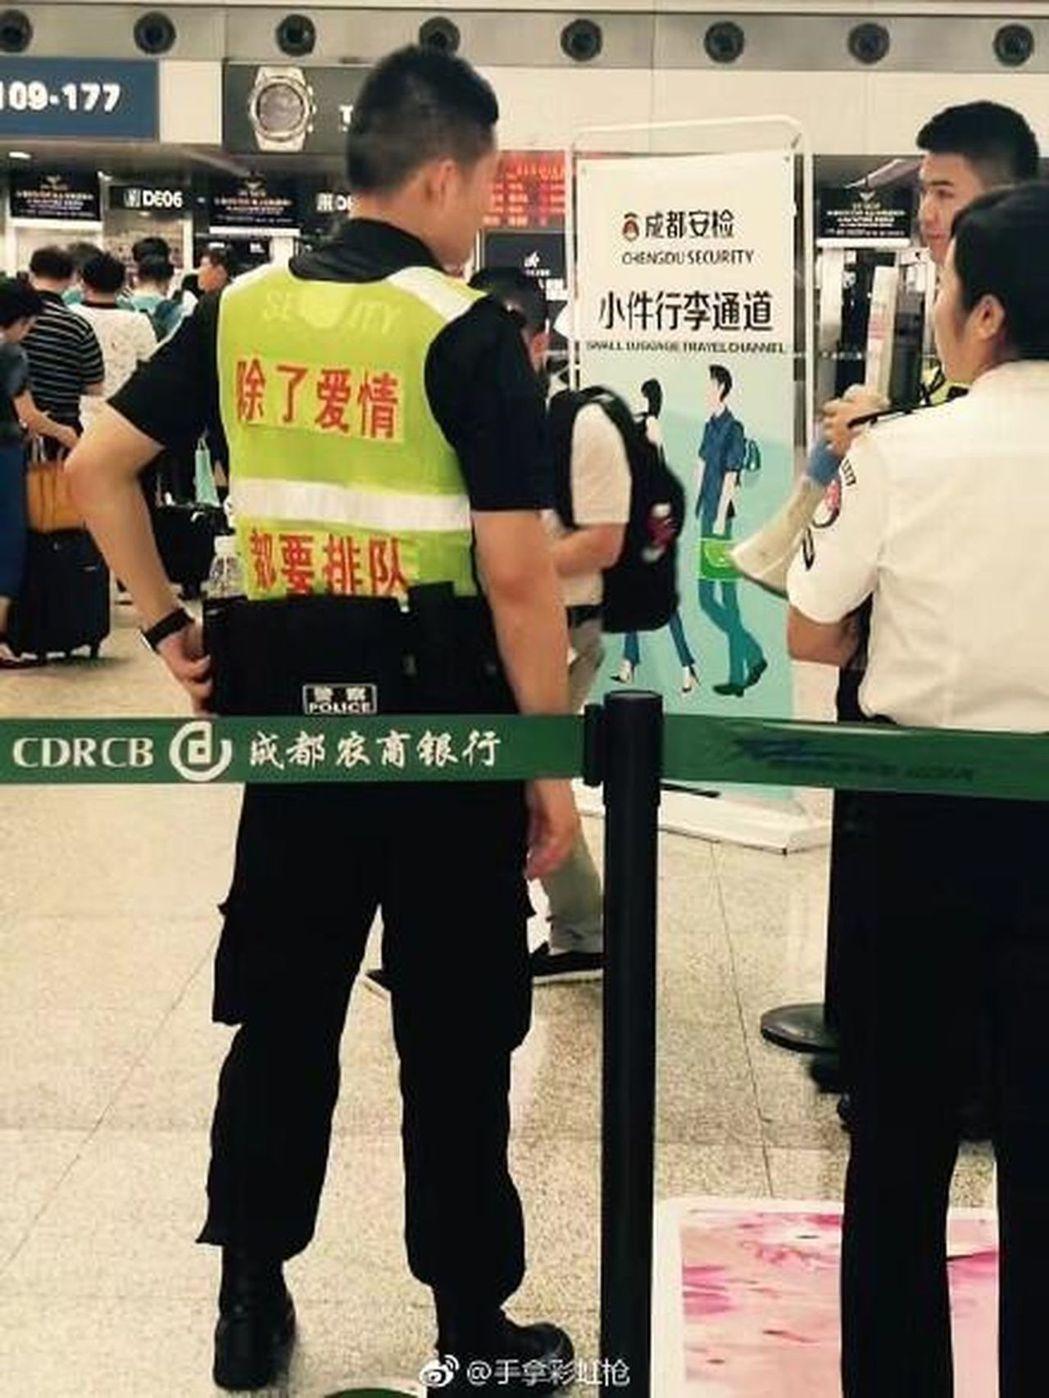 成都機場引導員走紅,因其馬甲上印了「除了愛情,都要排隊」字樣。(取材自微博)